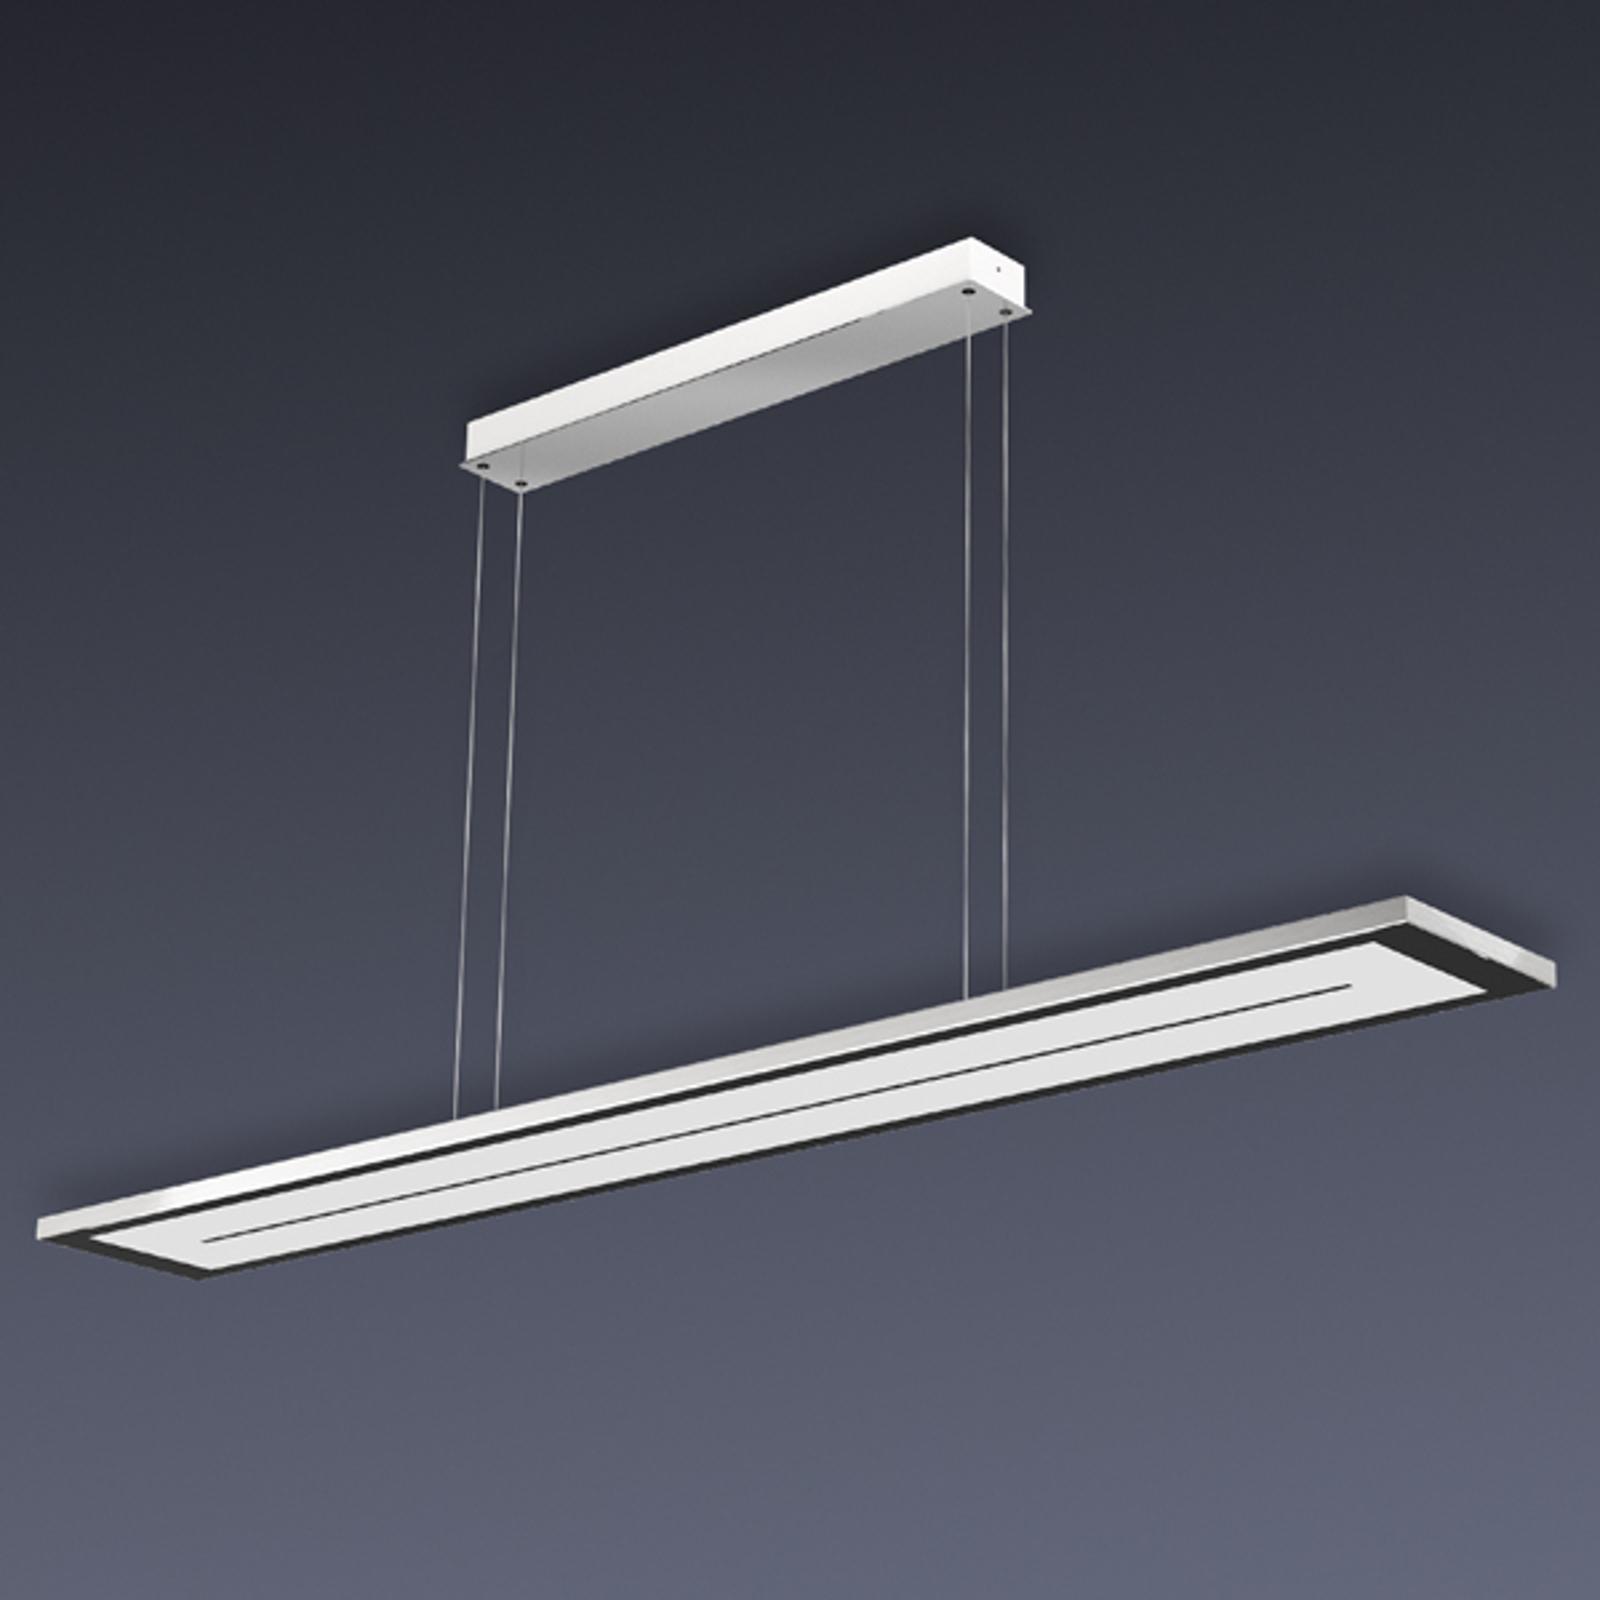 Dæmpbar LED-pendellampe Zen - 108 cm lang